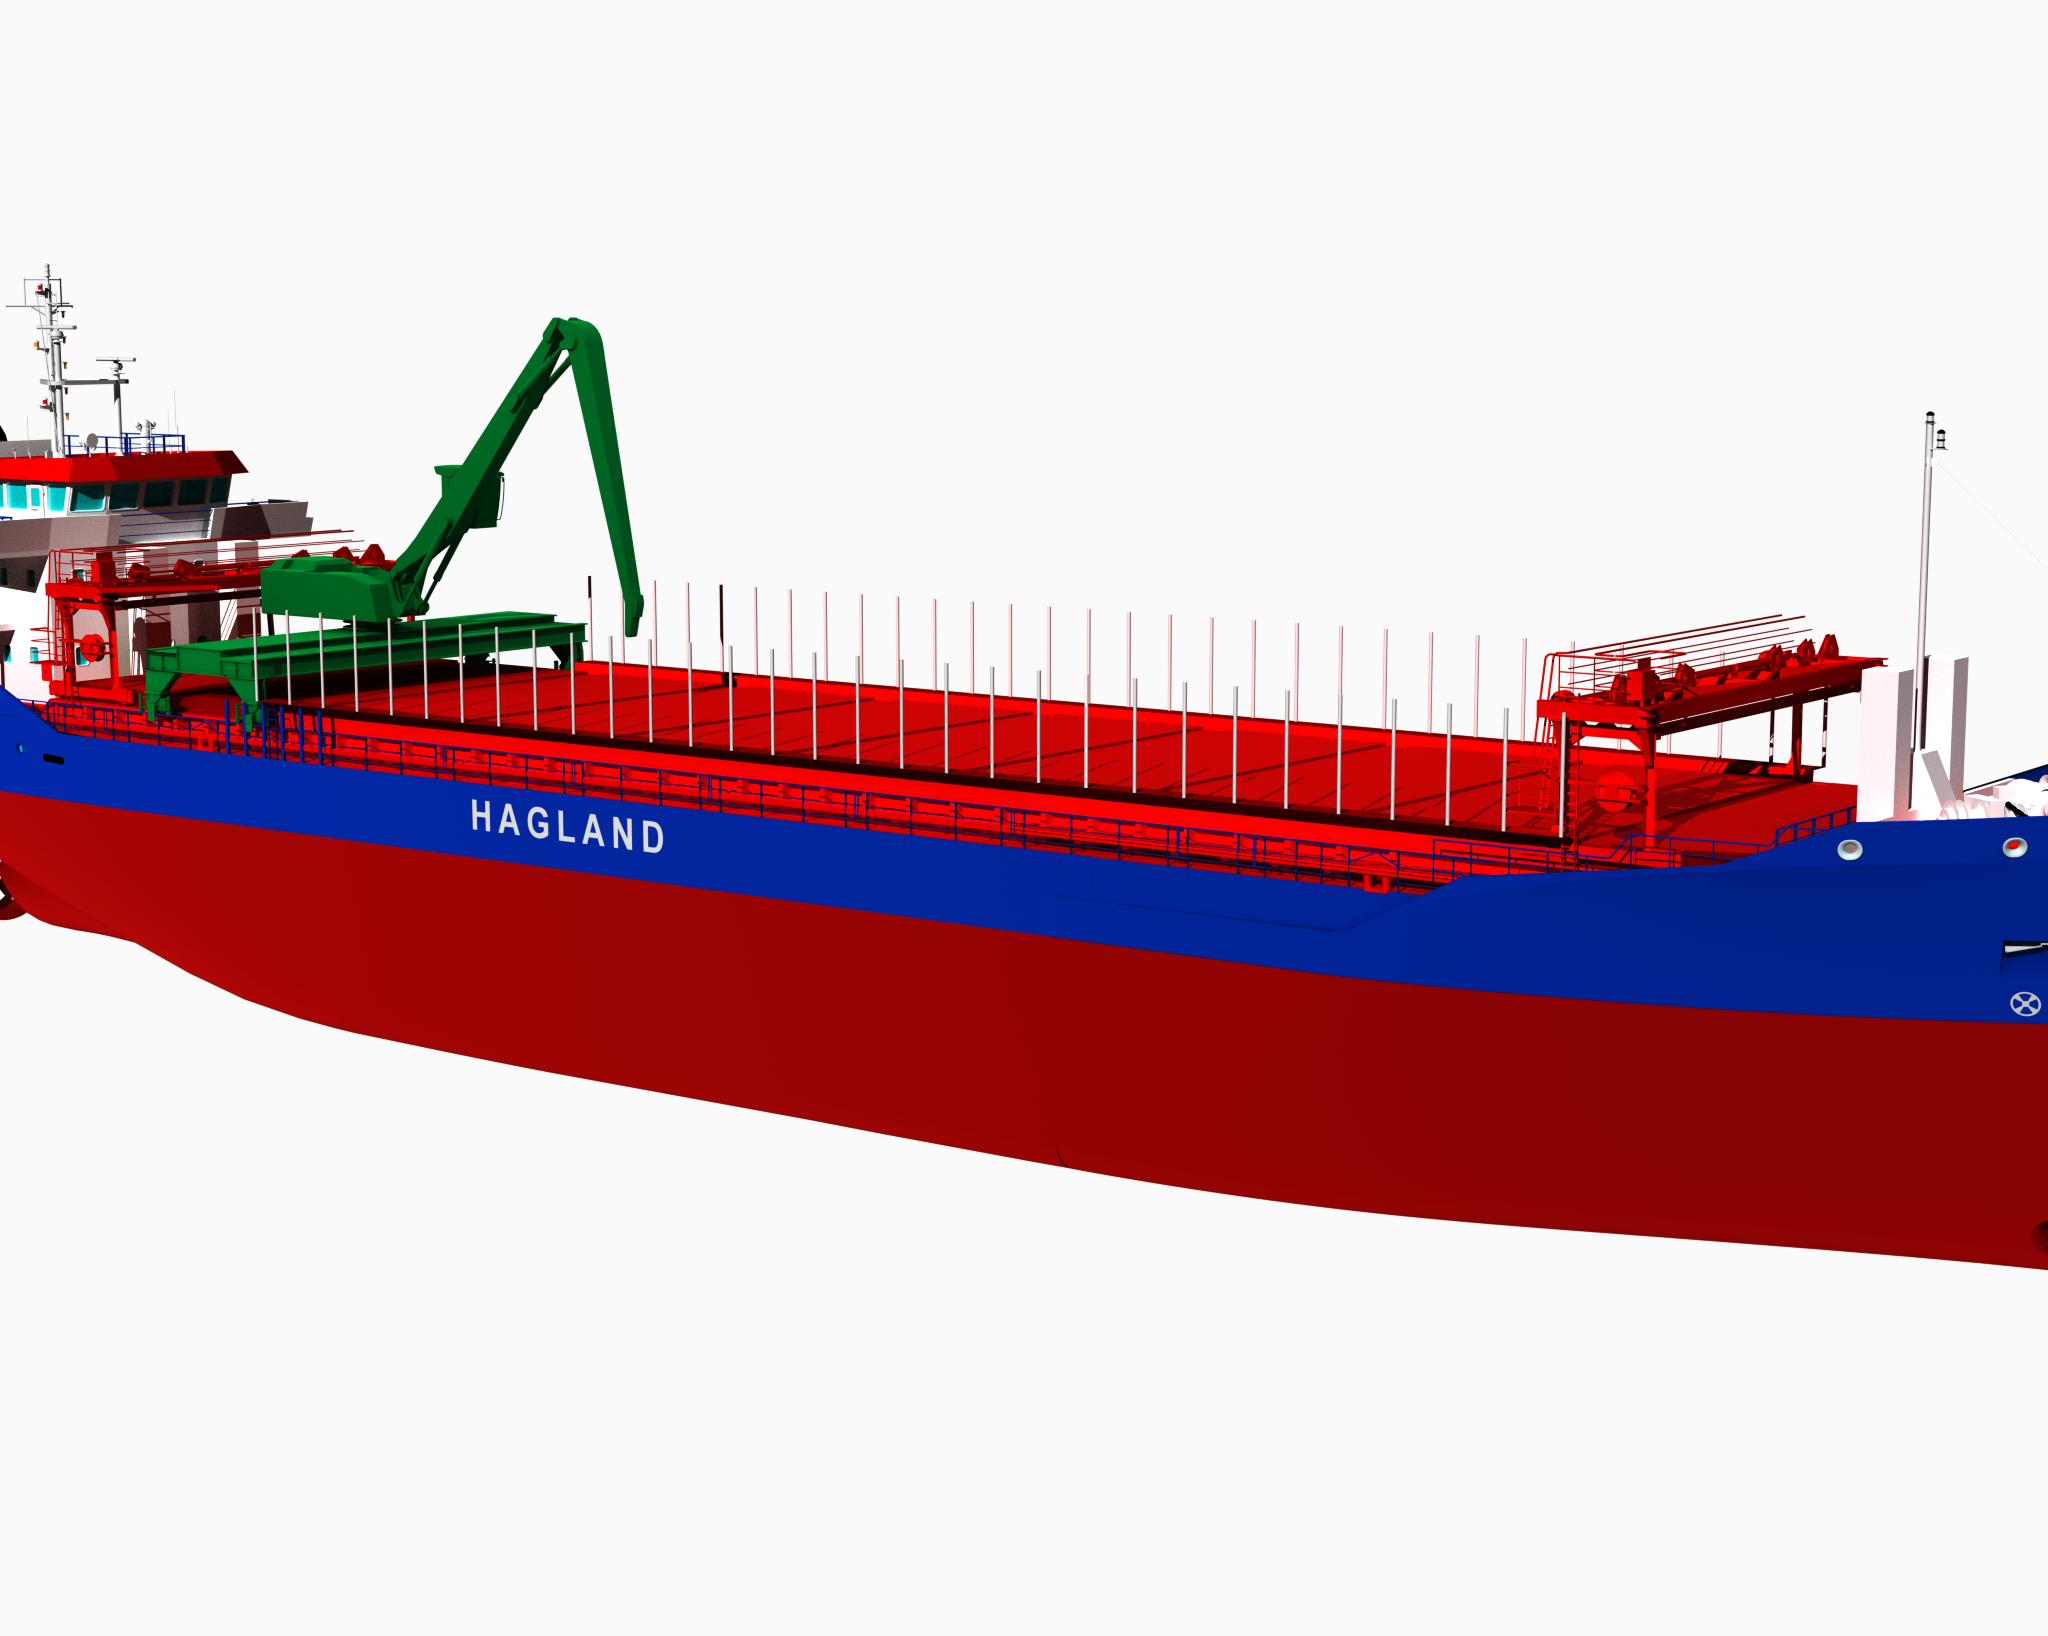 De zelflossende hybride bulker waarvan Royal Bodewes er twee gaat bouwen voor het Noorse Hagland Shipping met een optie voor nog eens twee exemplaren. (Illustratie Royal Bodewes)